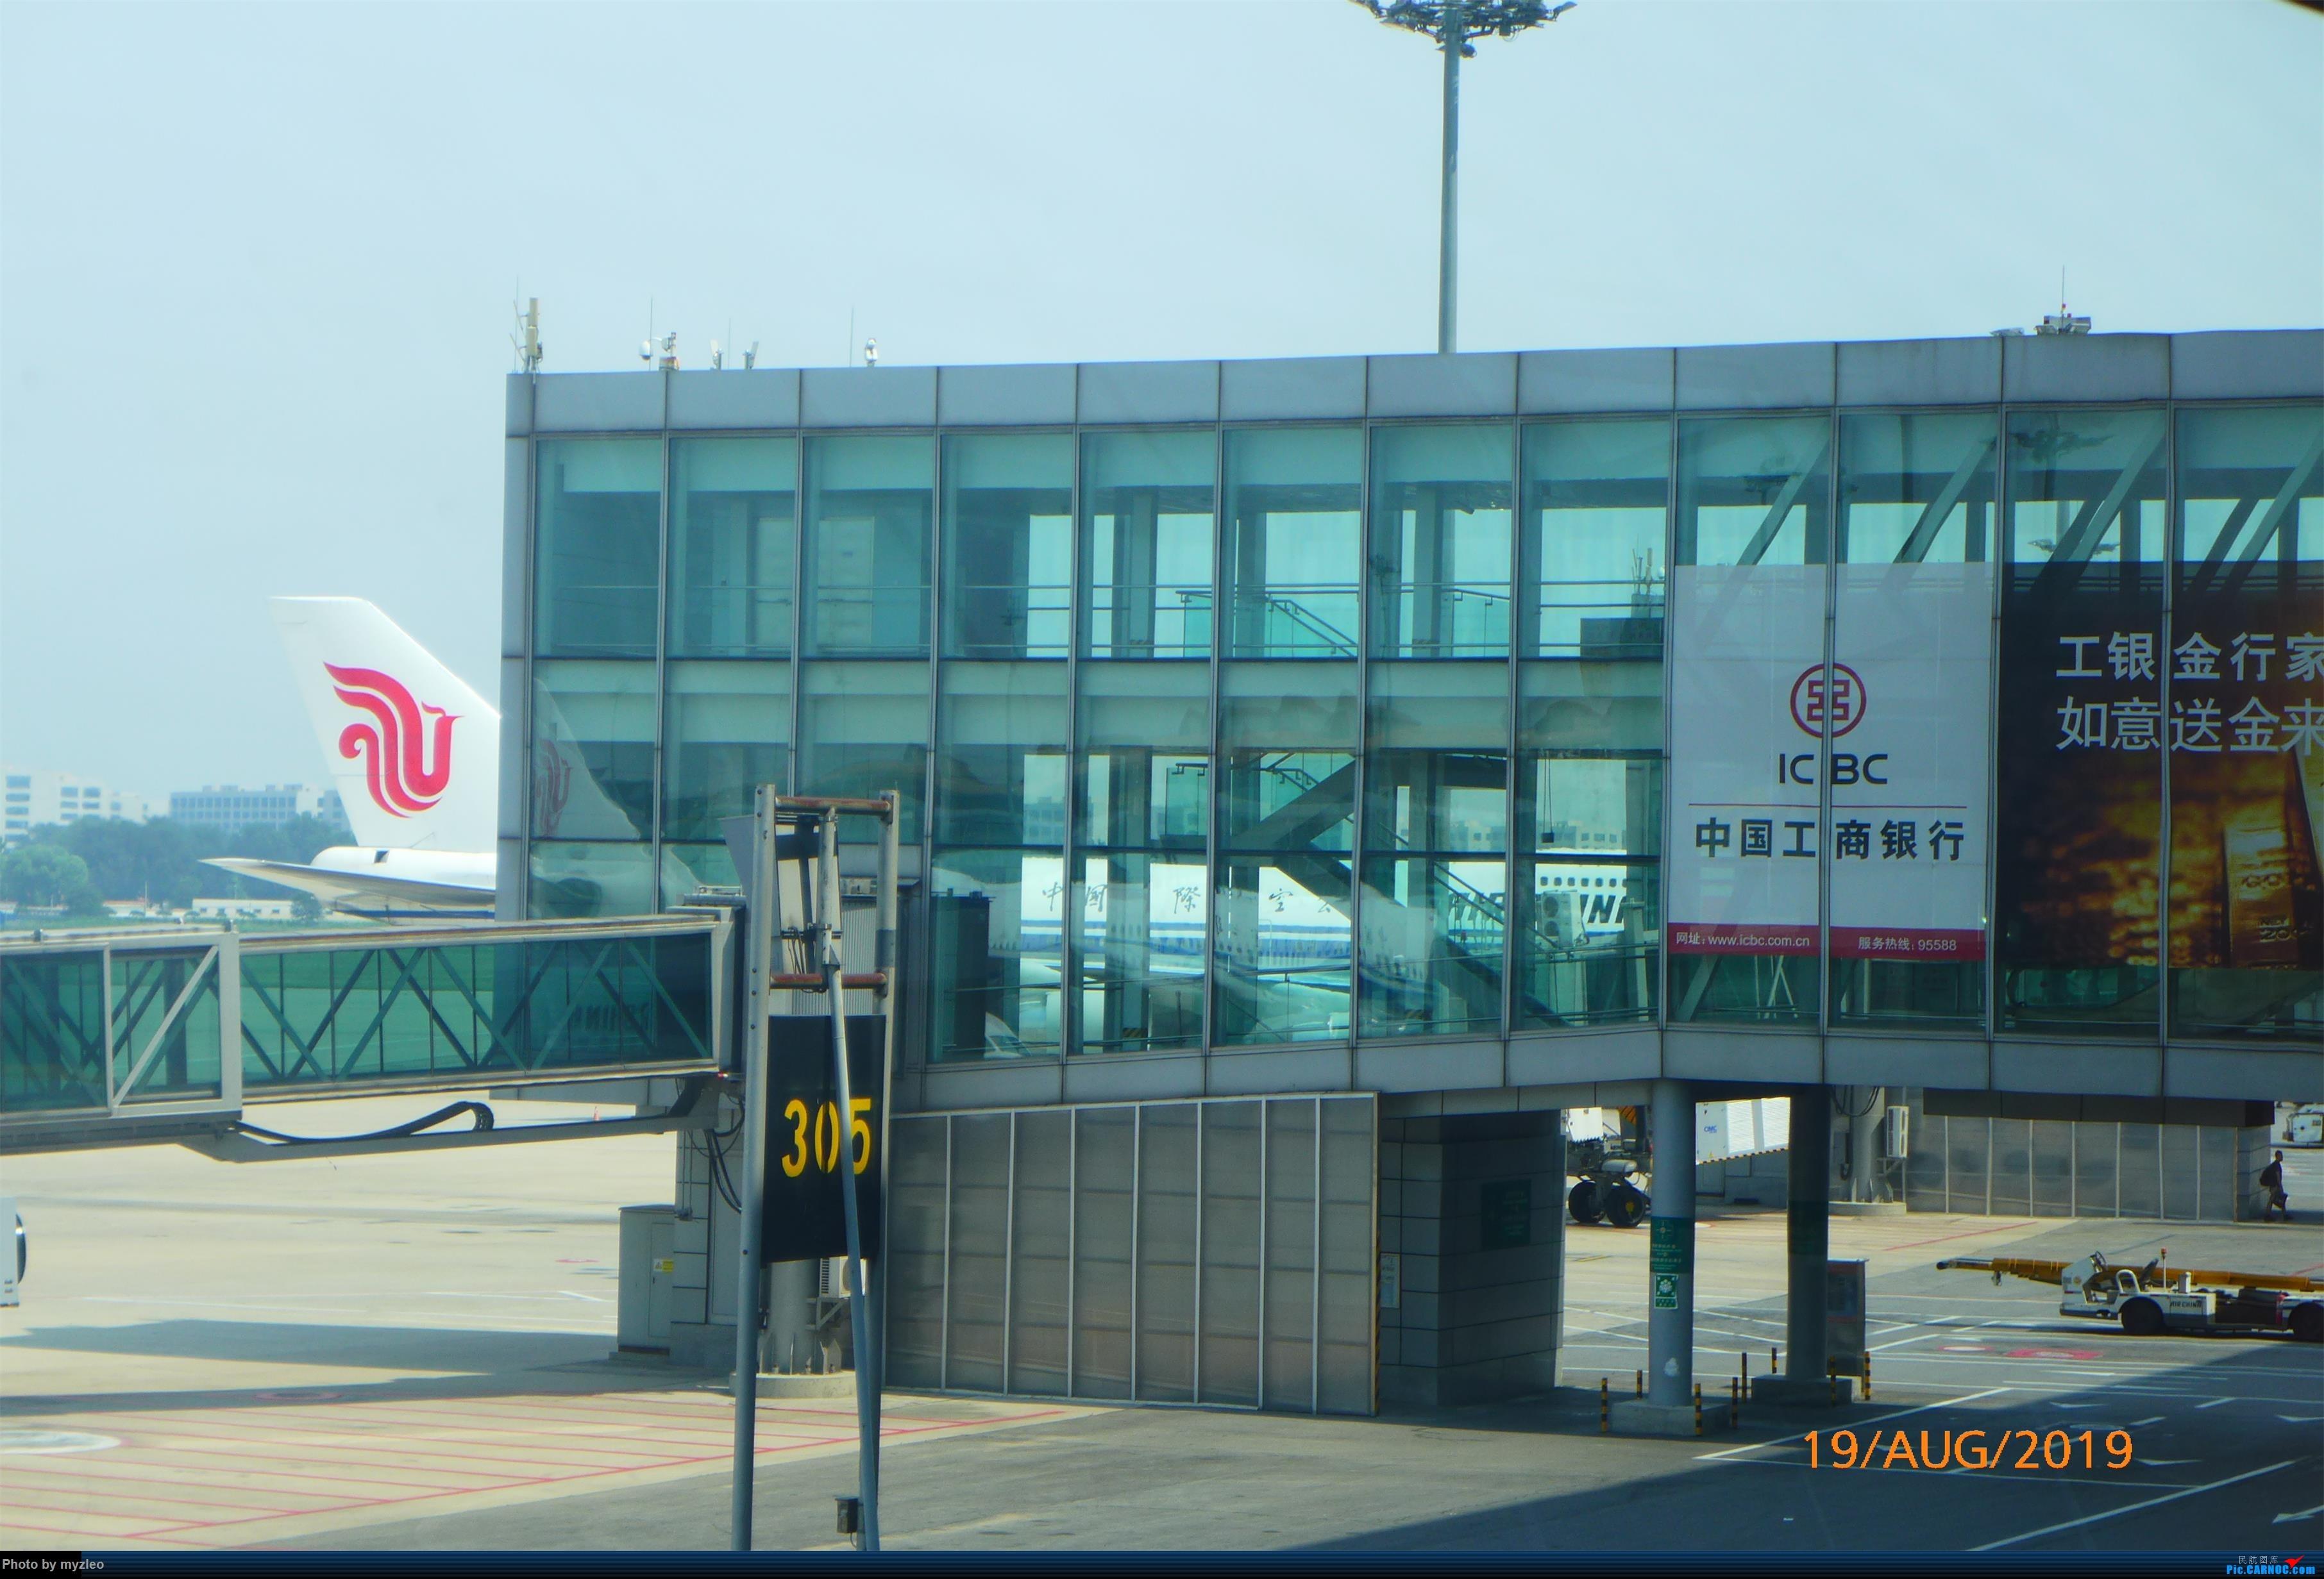 Re:[原创]【myzleo的游记5.1】梦圆一九(1)首搭国航359,北京城里到处走 BOEING 747-400  中国北京首都国际机场